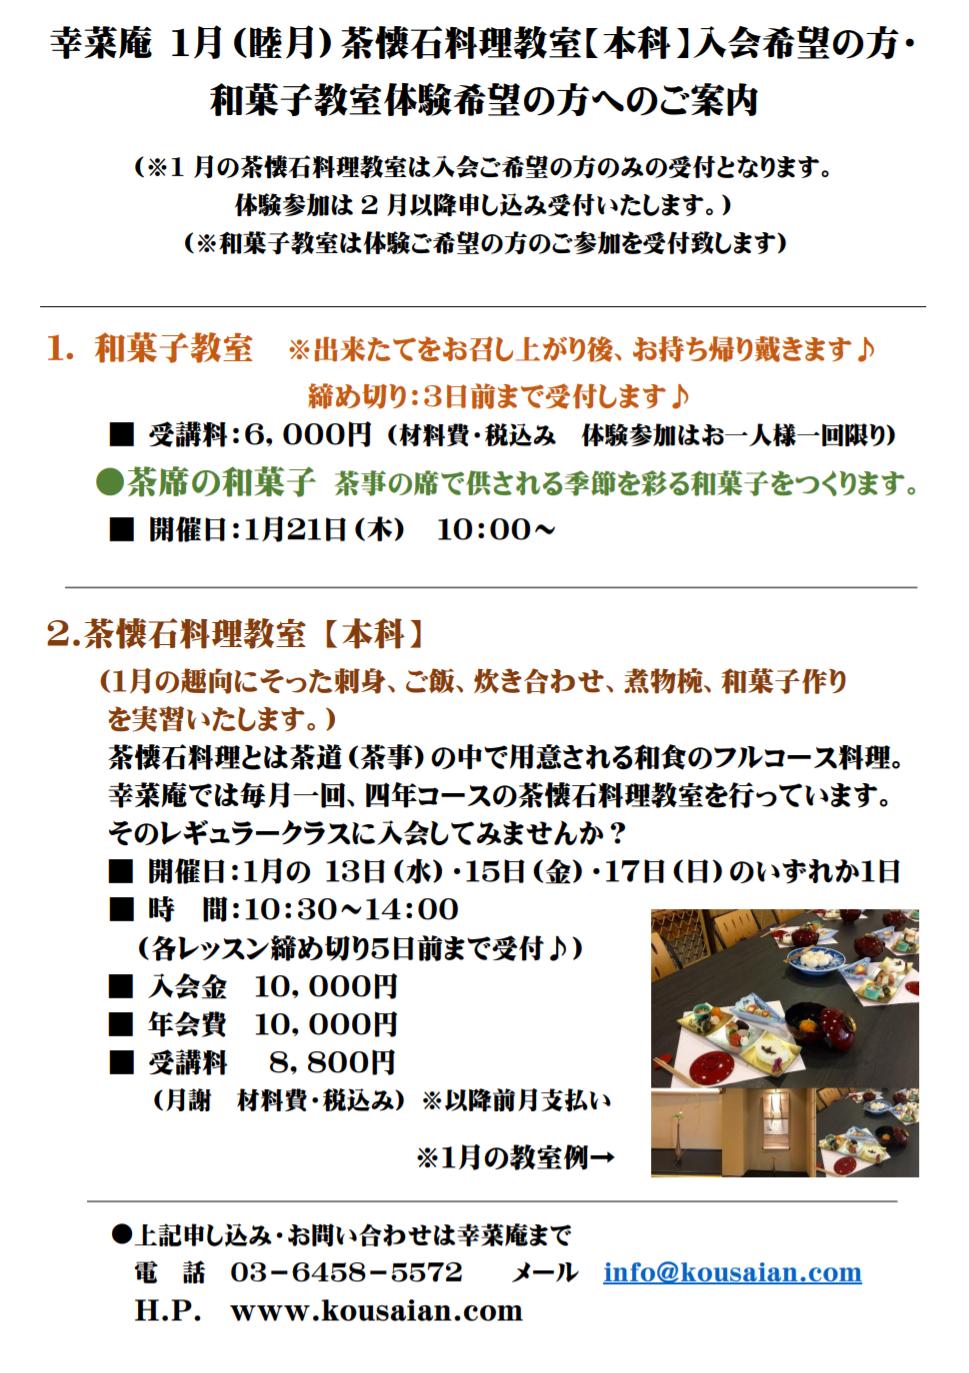 幸菜庵 1月(睦月)の茶懐石料理教室本科 和菓子教室体験レッスン ご予約受付中